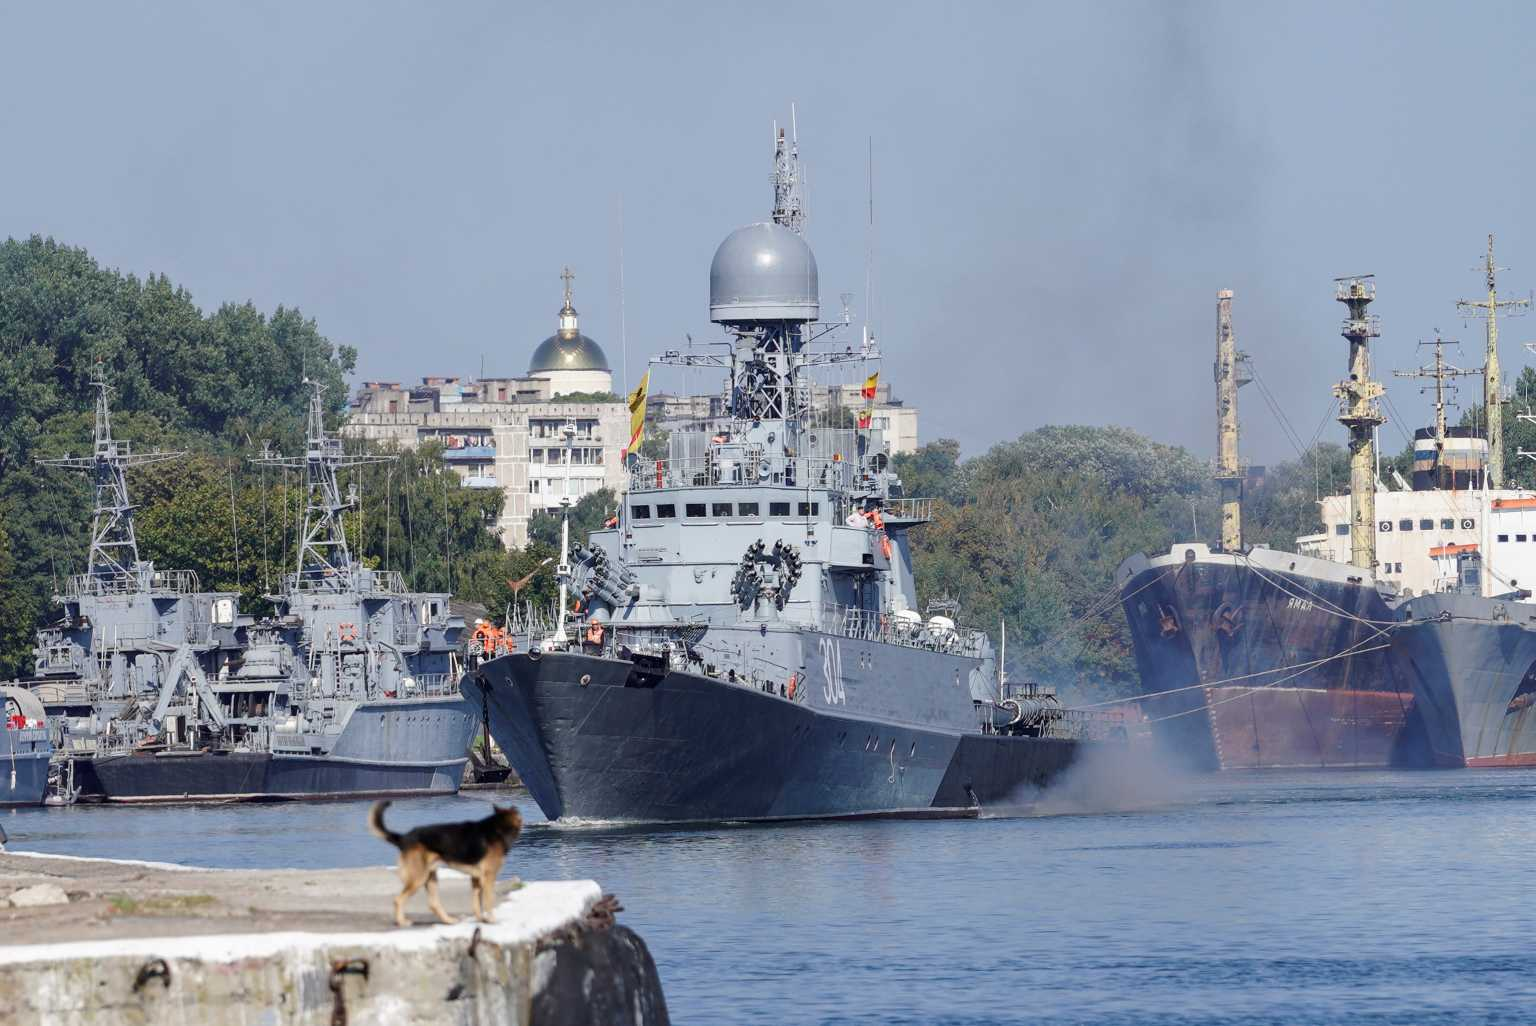 «Παιχνίδια πολέμου» Ρωσίας και Λευκορωσίας με το «βλέμμα» στραμμένο στο NATO